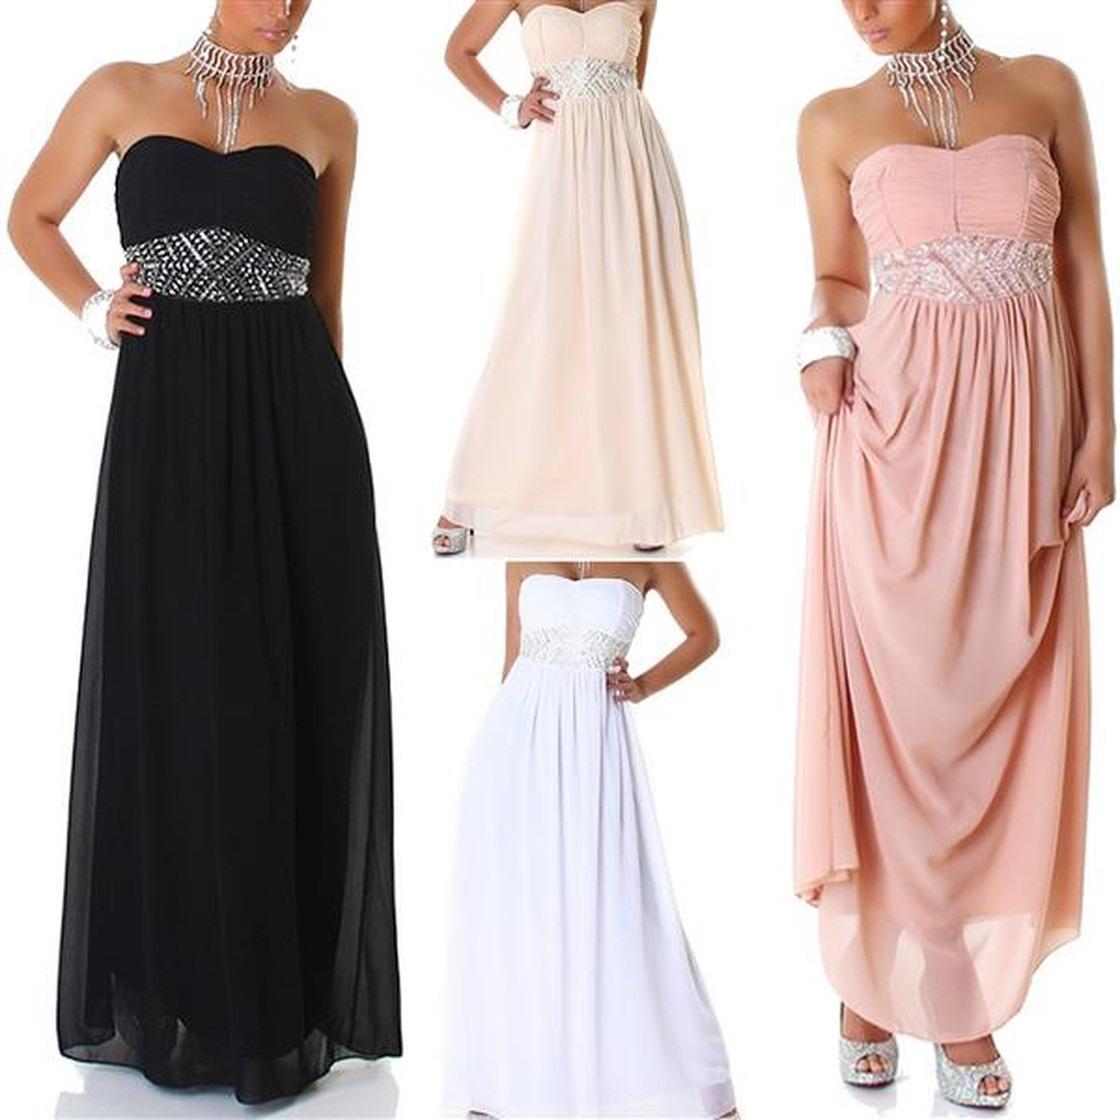 Abend Einfach Abendkleid Damen Bester PreisAbend Elegant Abendkleid Damen Galerie